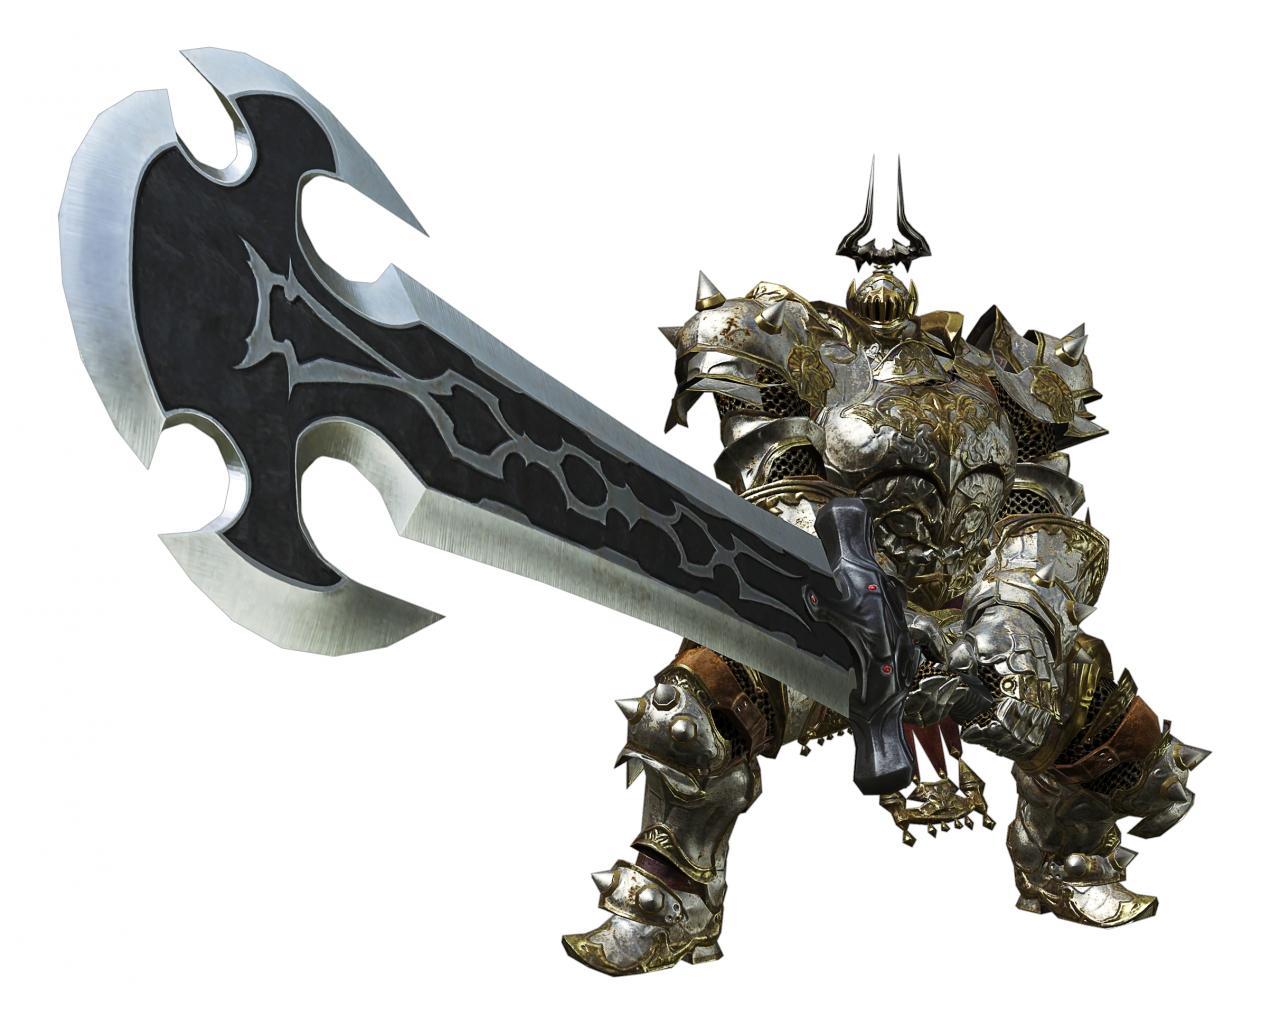 Final-Fantasy-14_Artworks-Monster_09.jpg